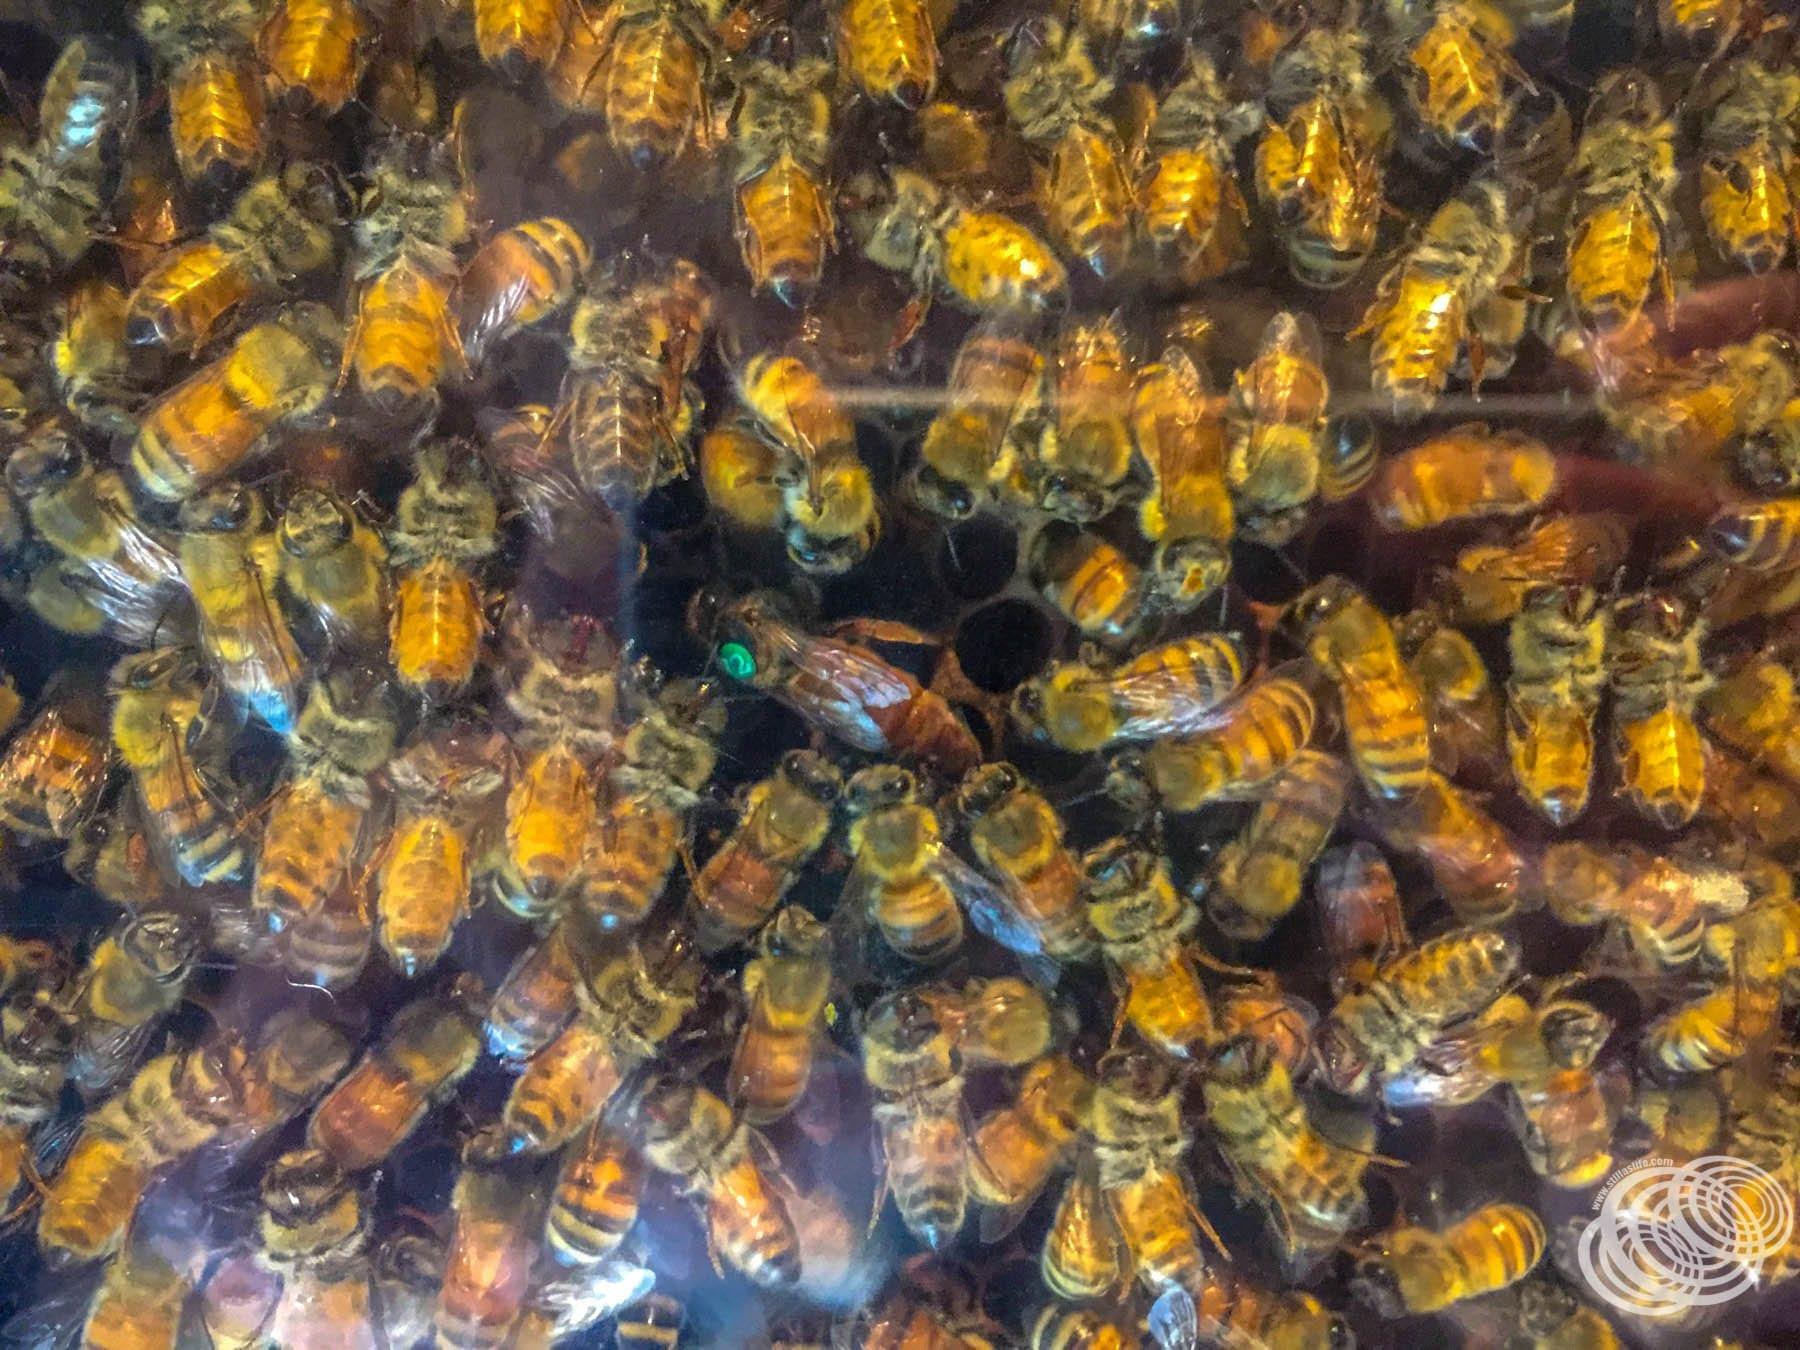 A Queen Bee at Arataki Honey